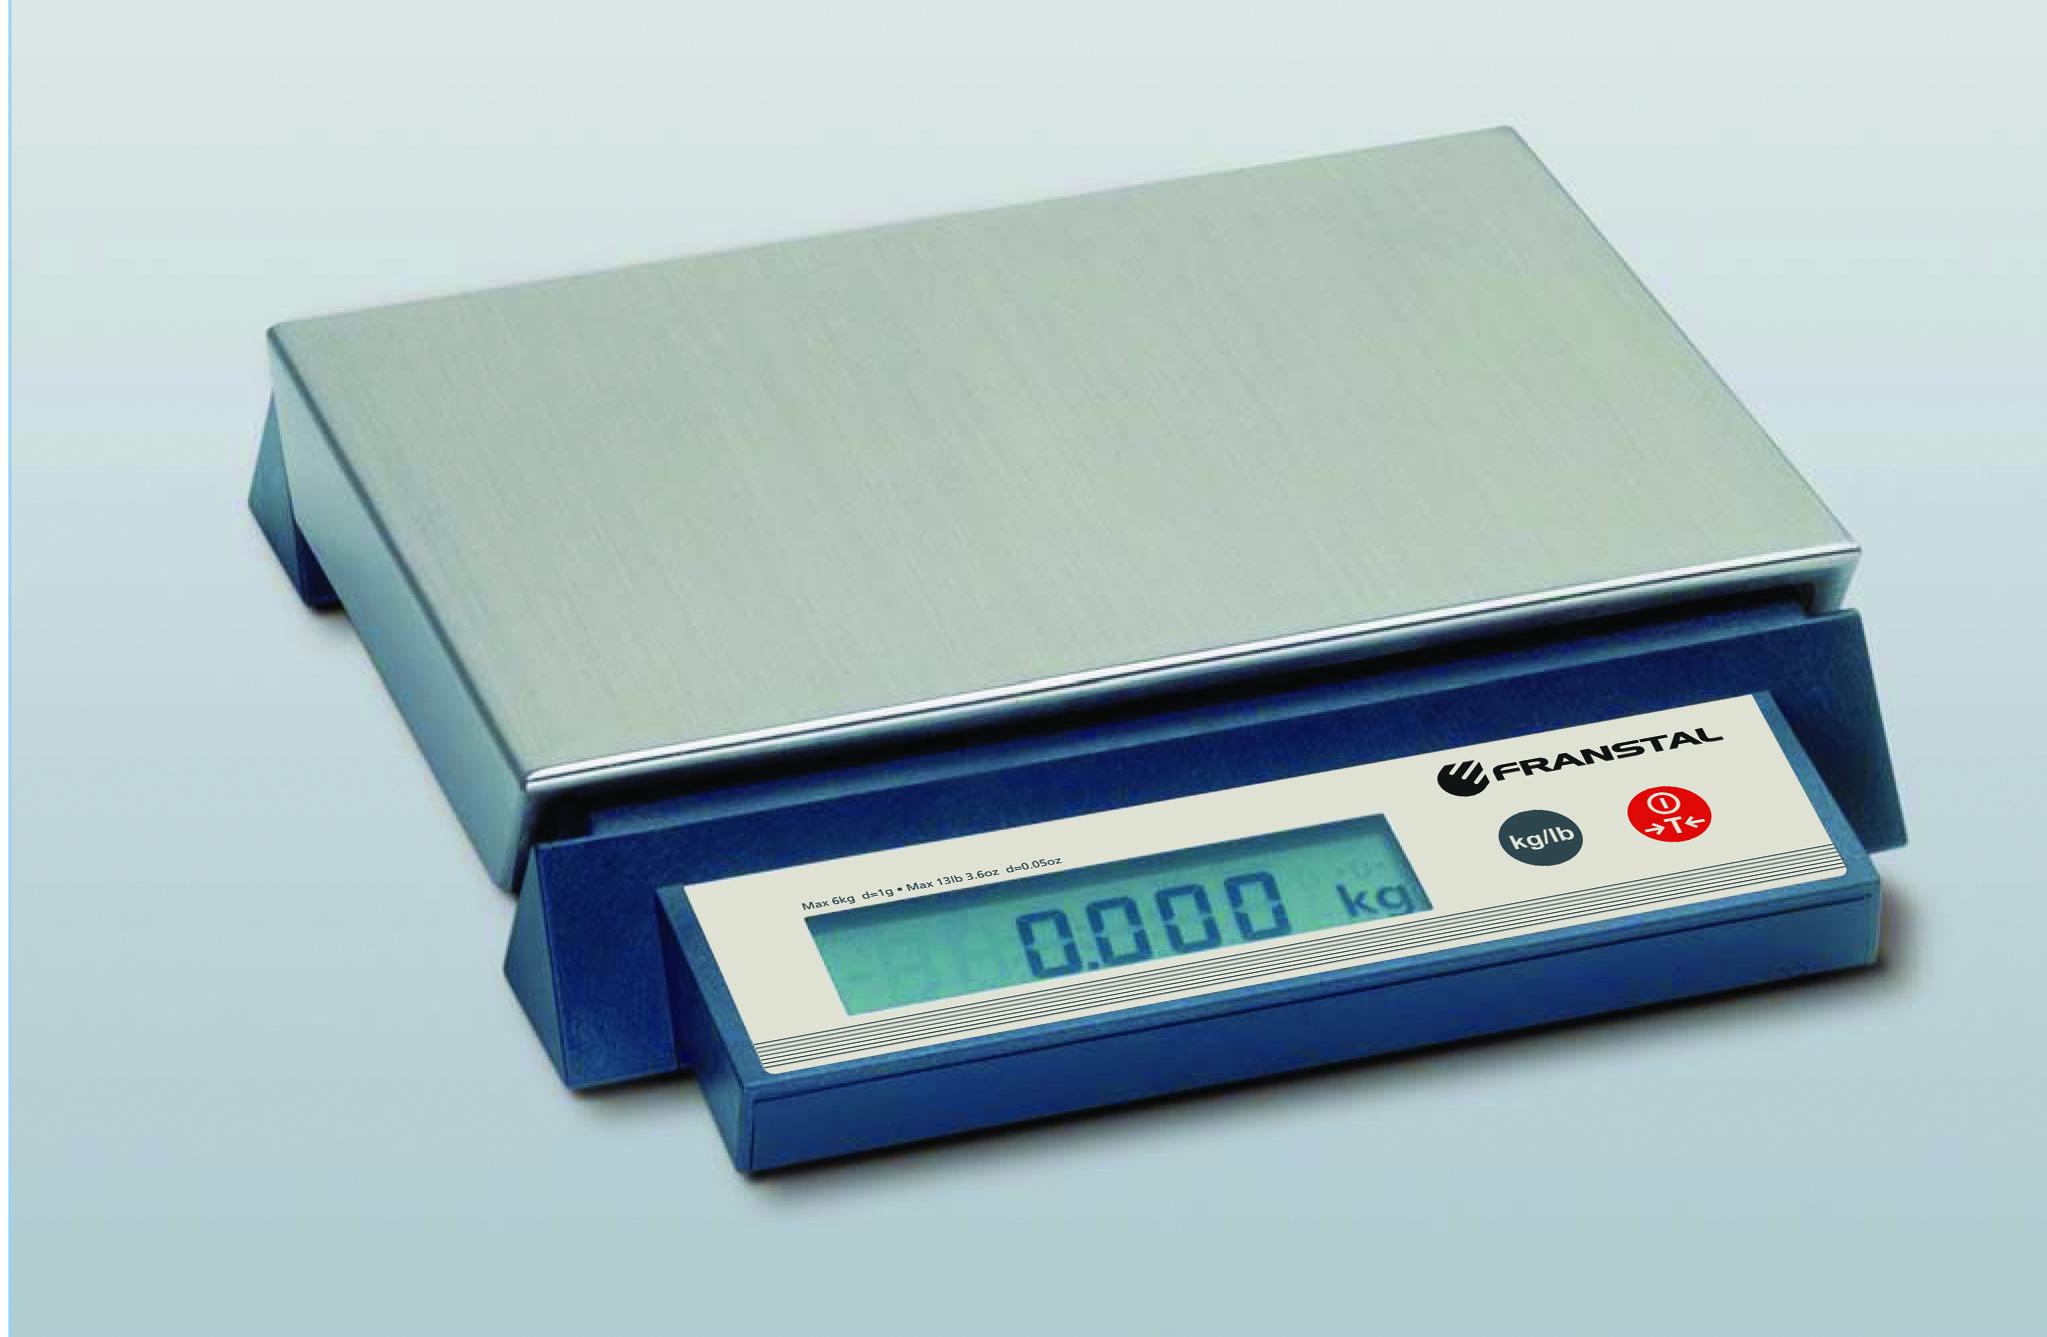 BALANCE COMPACTE ÉTANCHE IP65 30 KG / 5 G